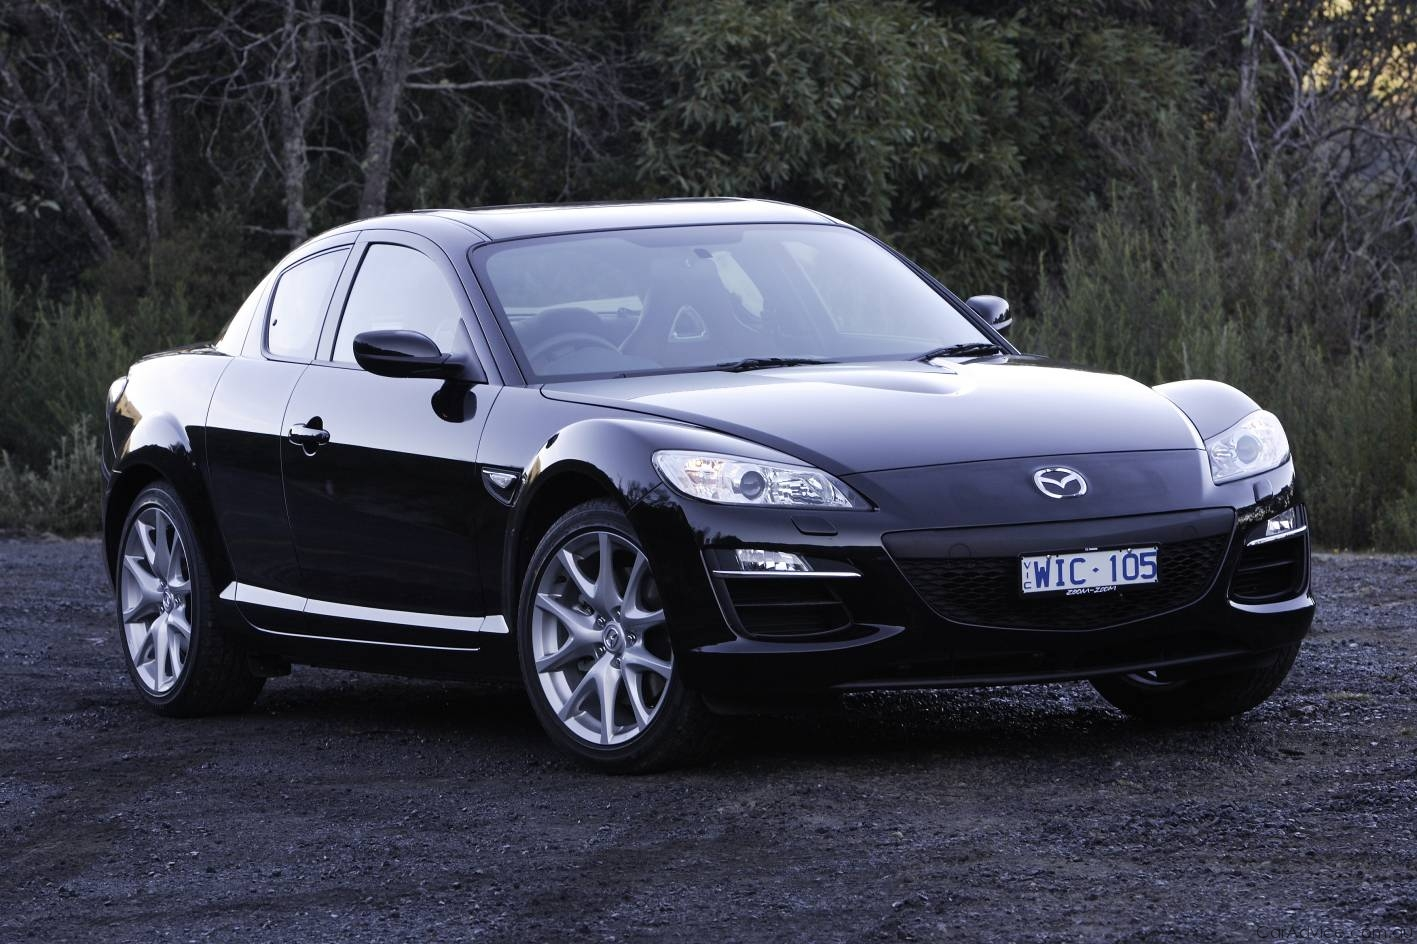 http://4.bp.blogspot.com/-aALYWuUYP-Y/UP0r5RdIyKI/AAAAAAAAA2Y/4JNFa0F8gQM/s1600/Mazda+RX8+Black.jpg